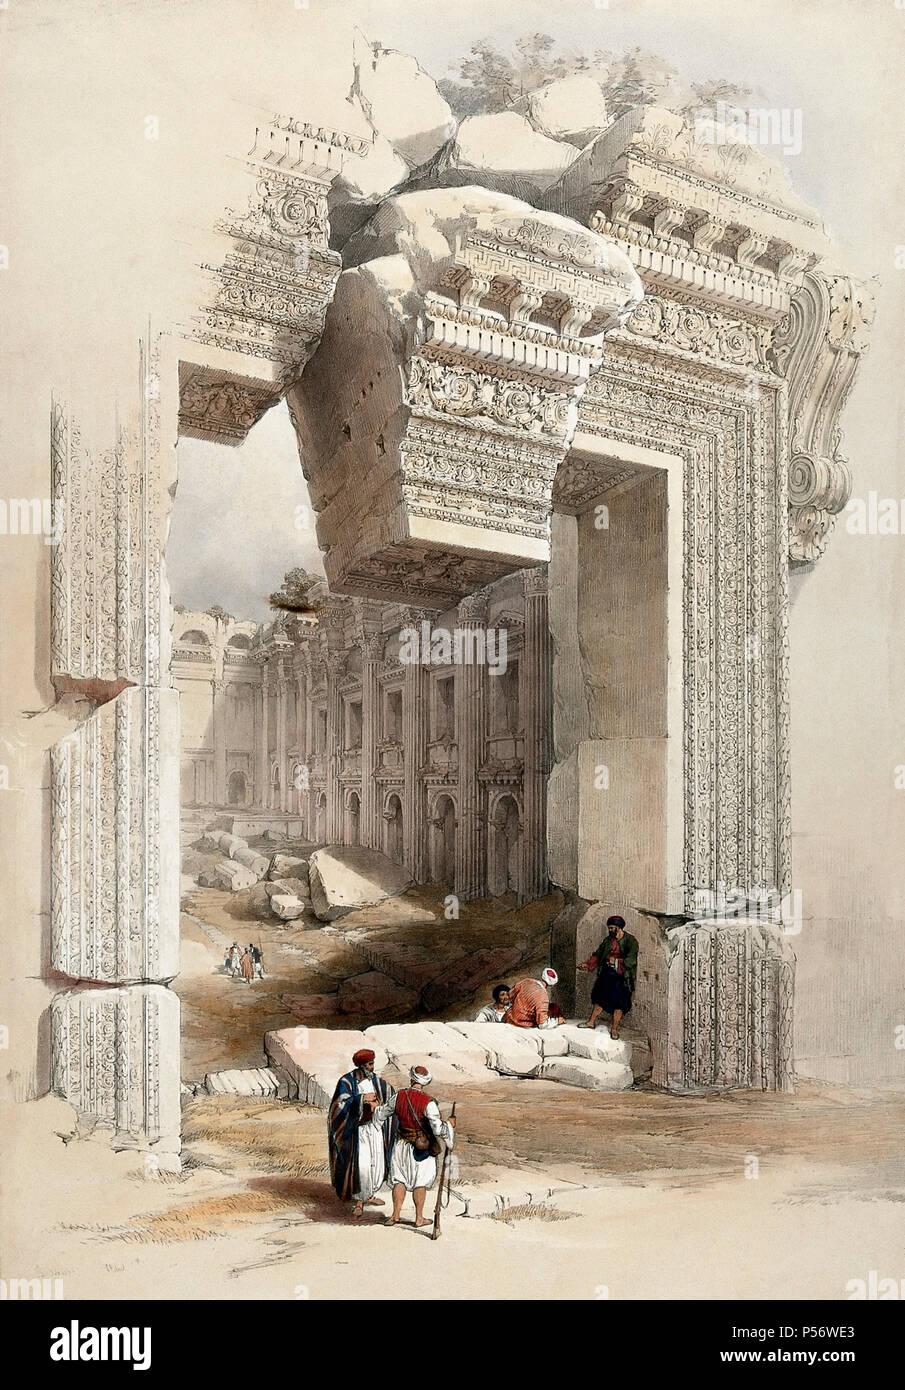 La portada, de Baalbec, Líbano. Litografía por Louis Haghe, después de David Roberts. Imagen De Stock